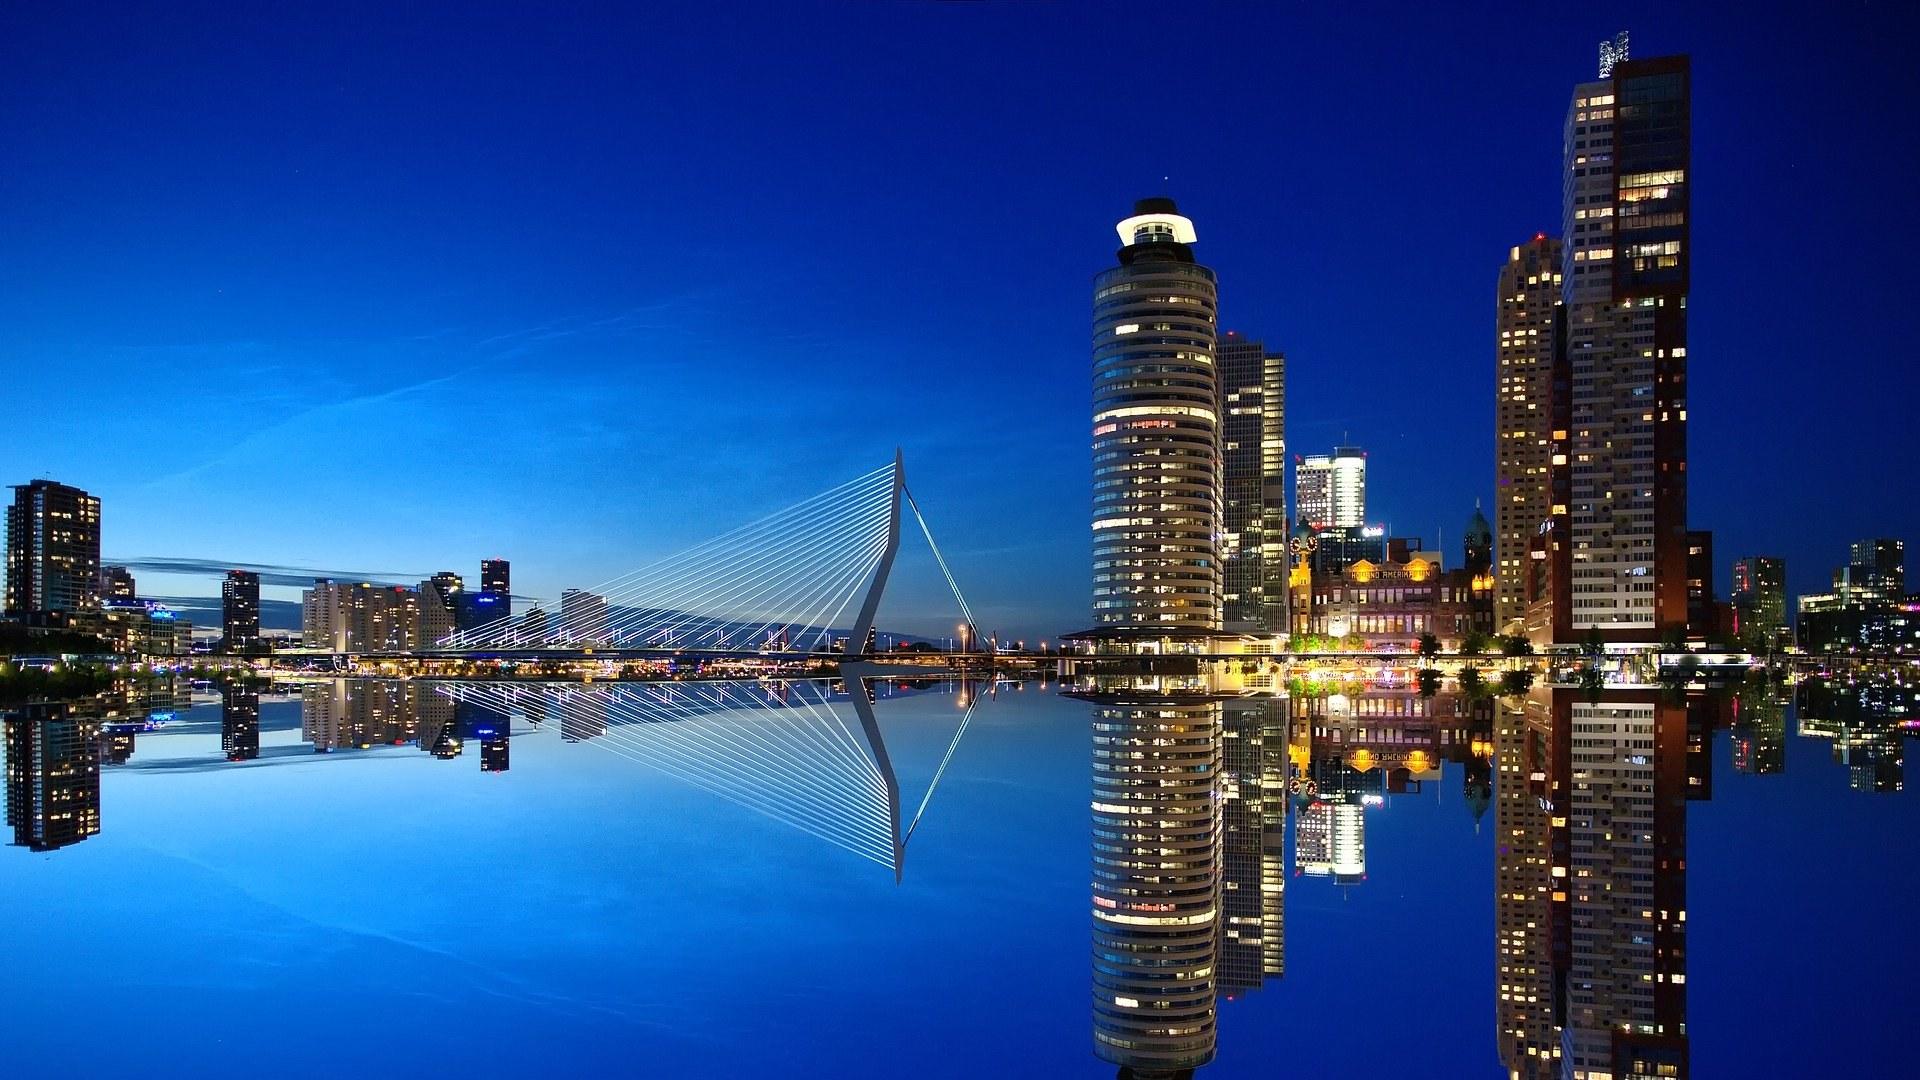 Nejkrásnější města Evropy – TOP 10 měst, které opravdu stojí za to